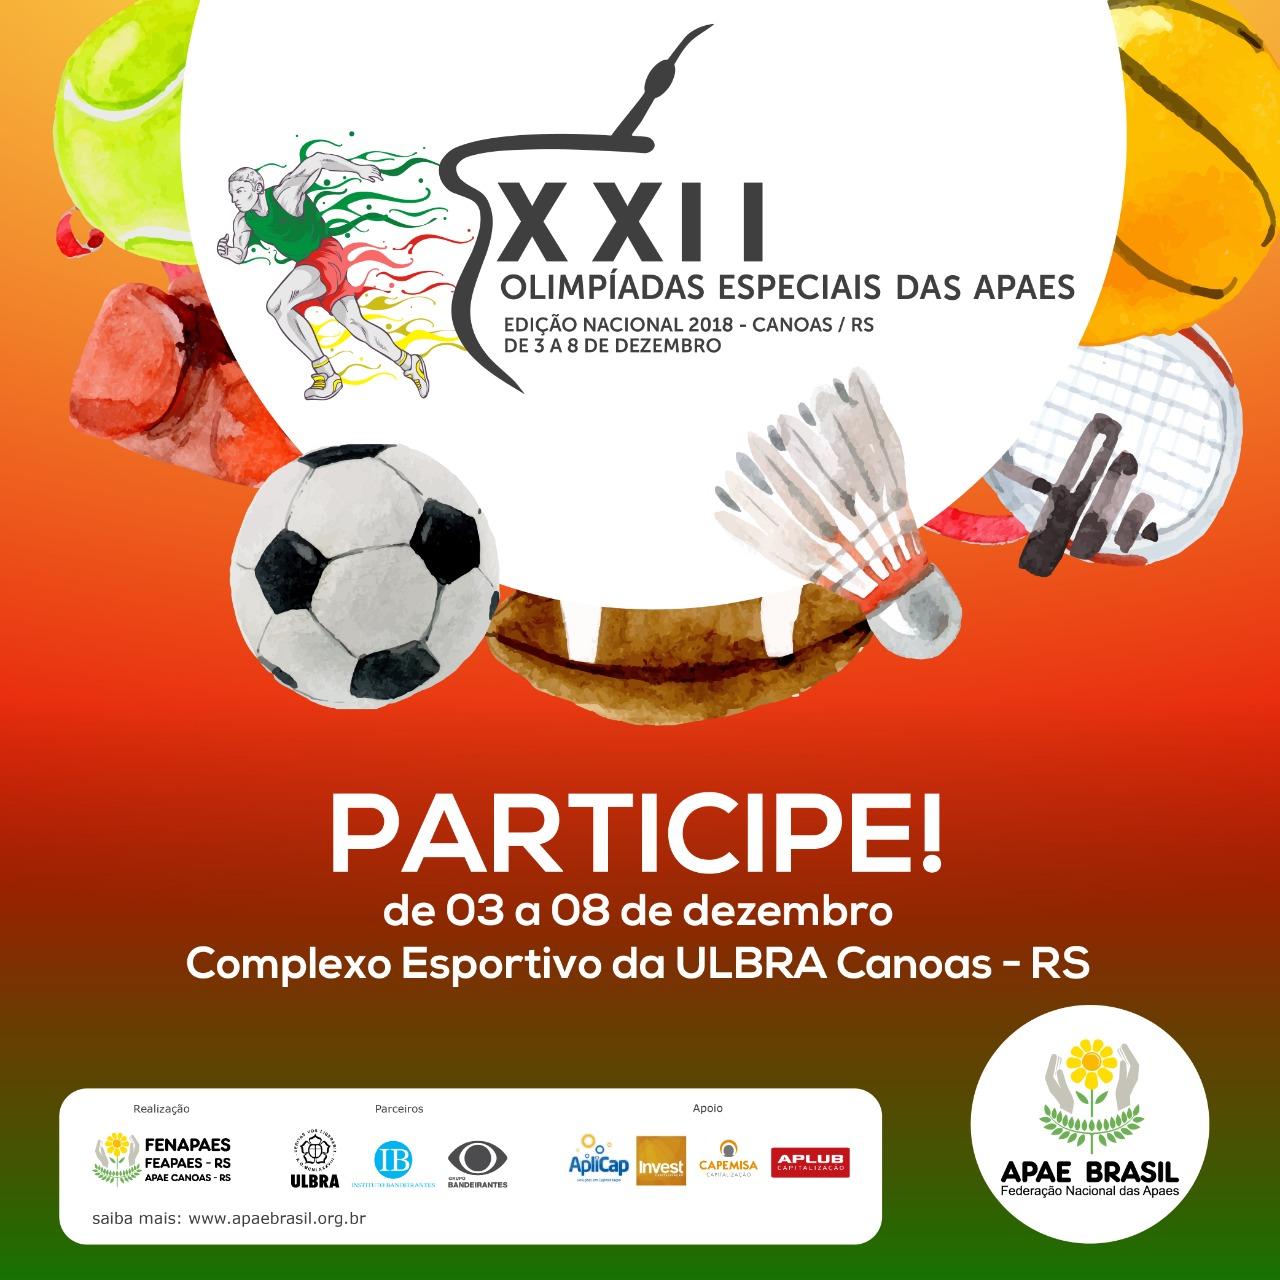 Alunos da APAE de Esperantina estão participando da XXII Olimpíadas Especiais das APAES´s